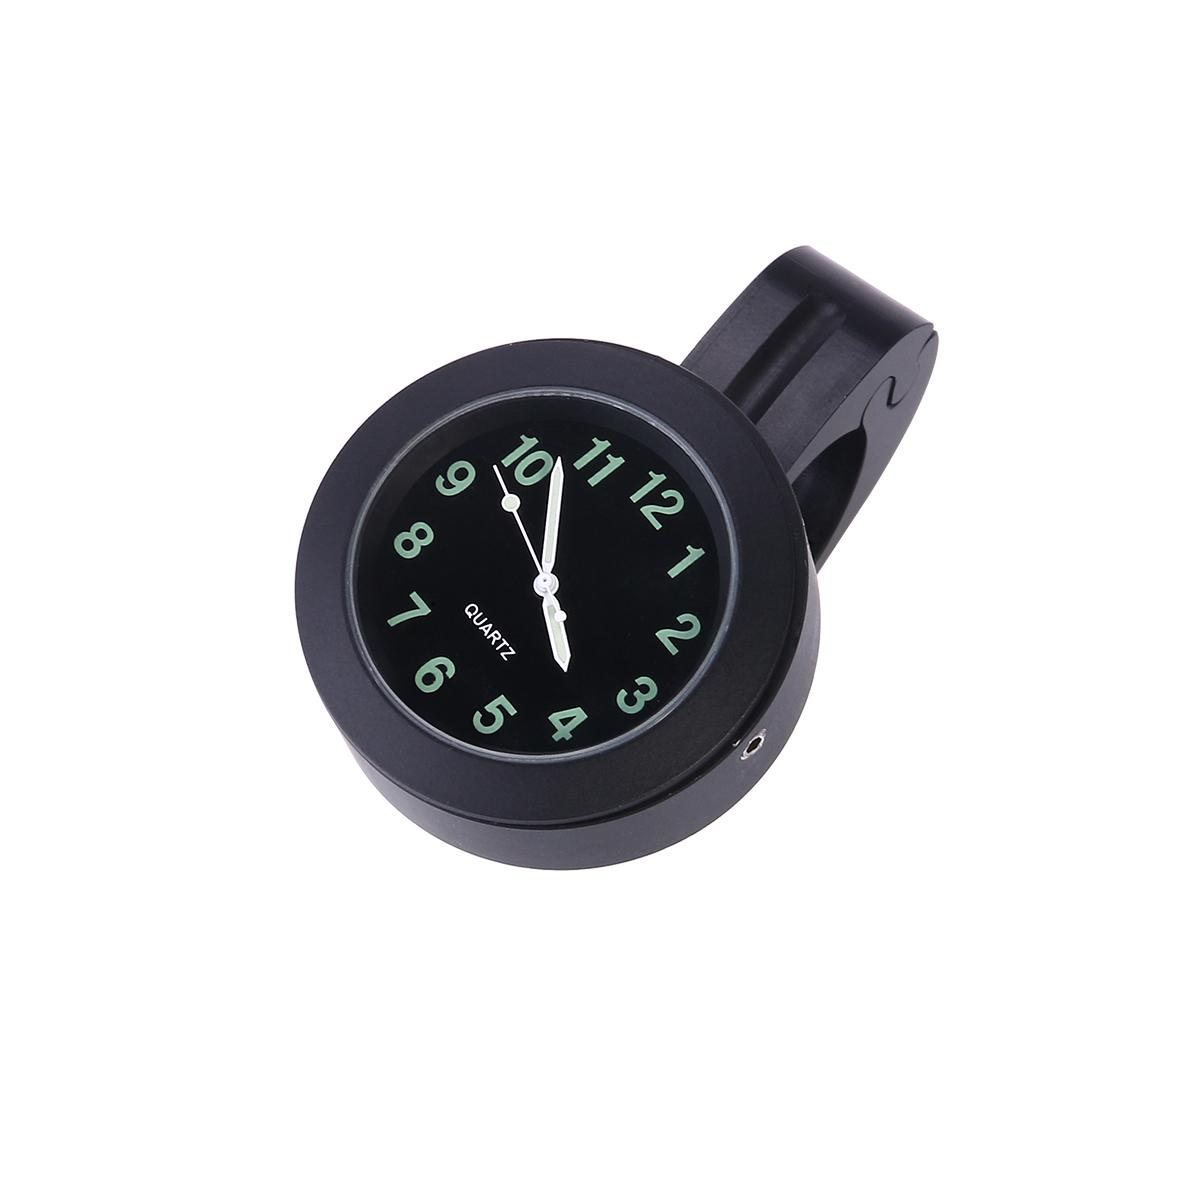 [해외]7/8 인치 방수 오토바이 오토바이 핸들 바 다이얼 글로우 시계 (블랙)/7/8 Inch Waterproof Motorcycle Motorbike Handlebar Dial Glow-Watch Clock (Black)